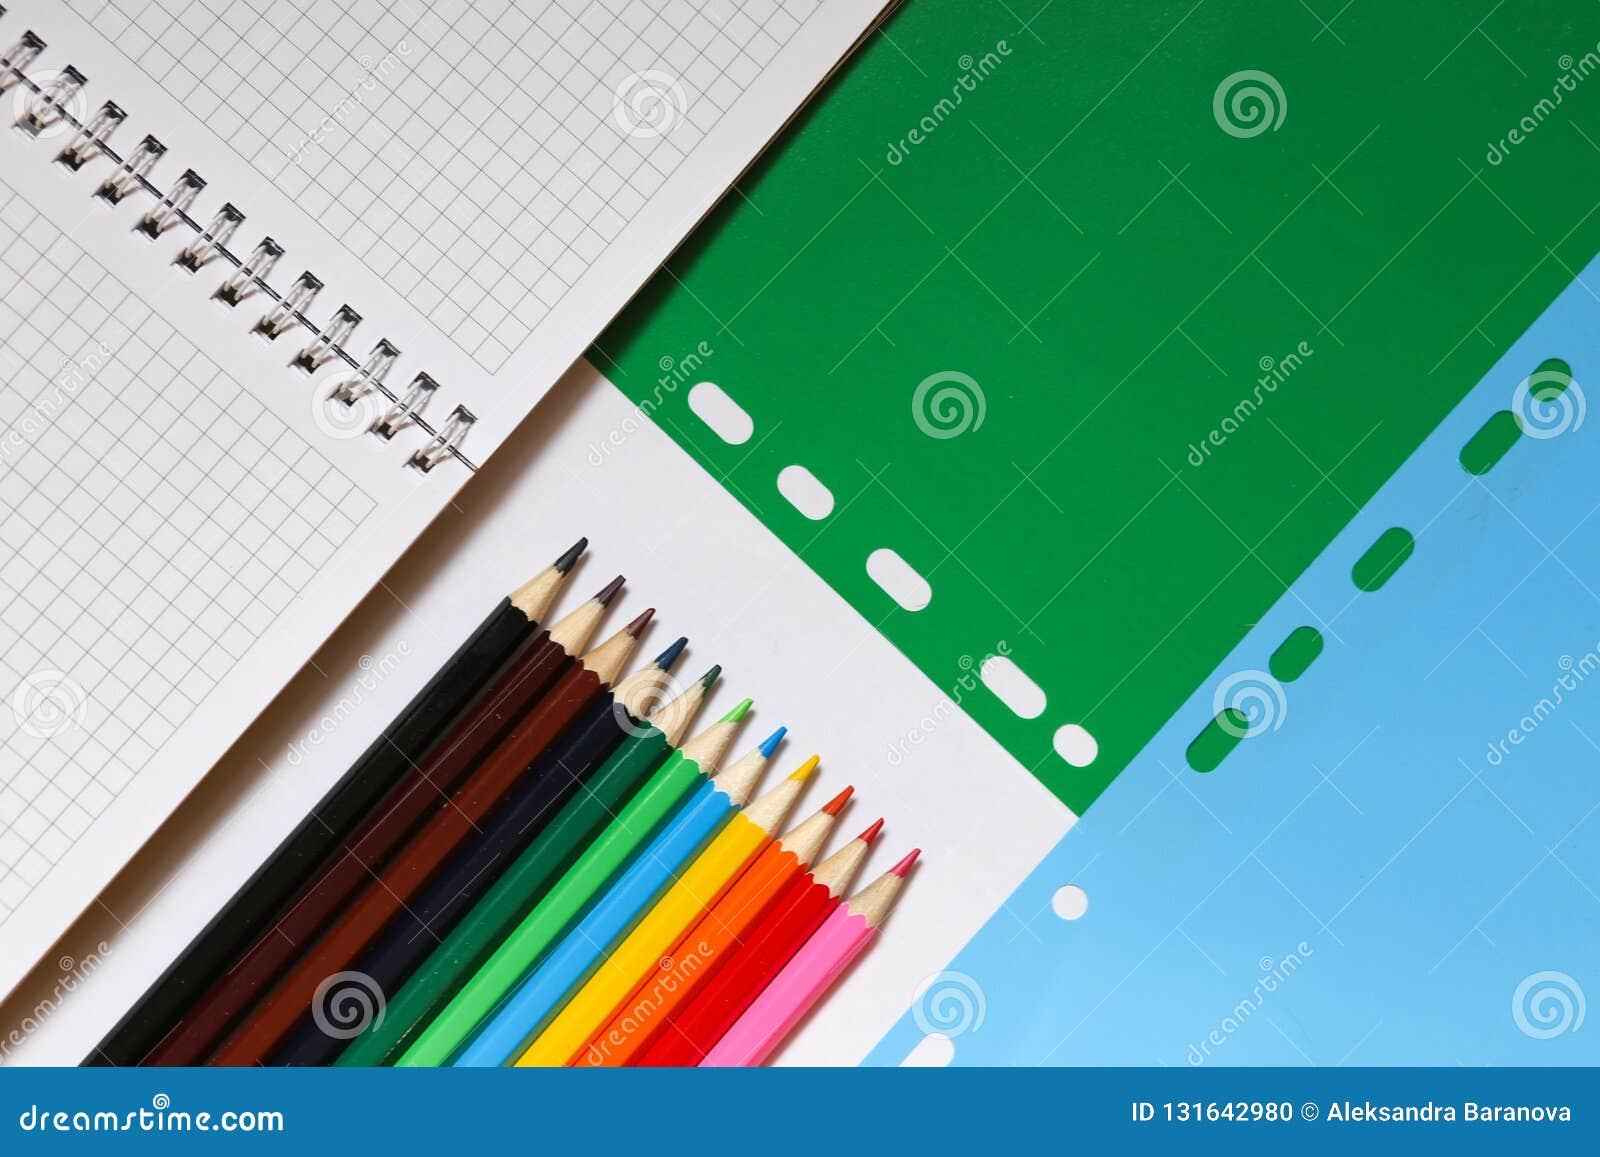 Hoogste mening over notitieboekjes, potloden, op een groenachtig blauwe achtergrond Terug naar het Concept van de School